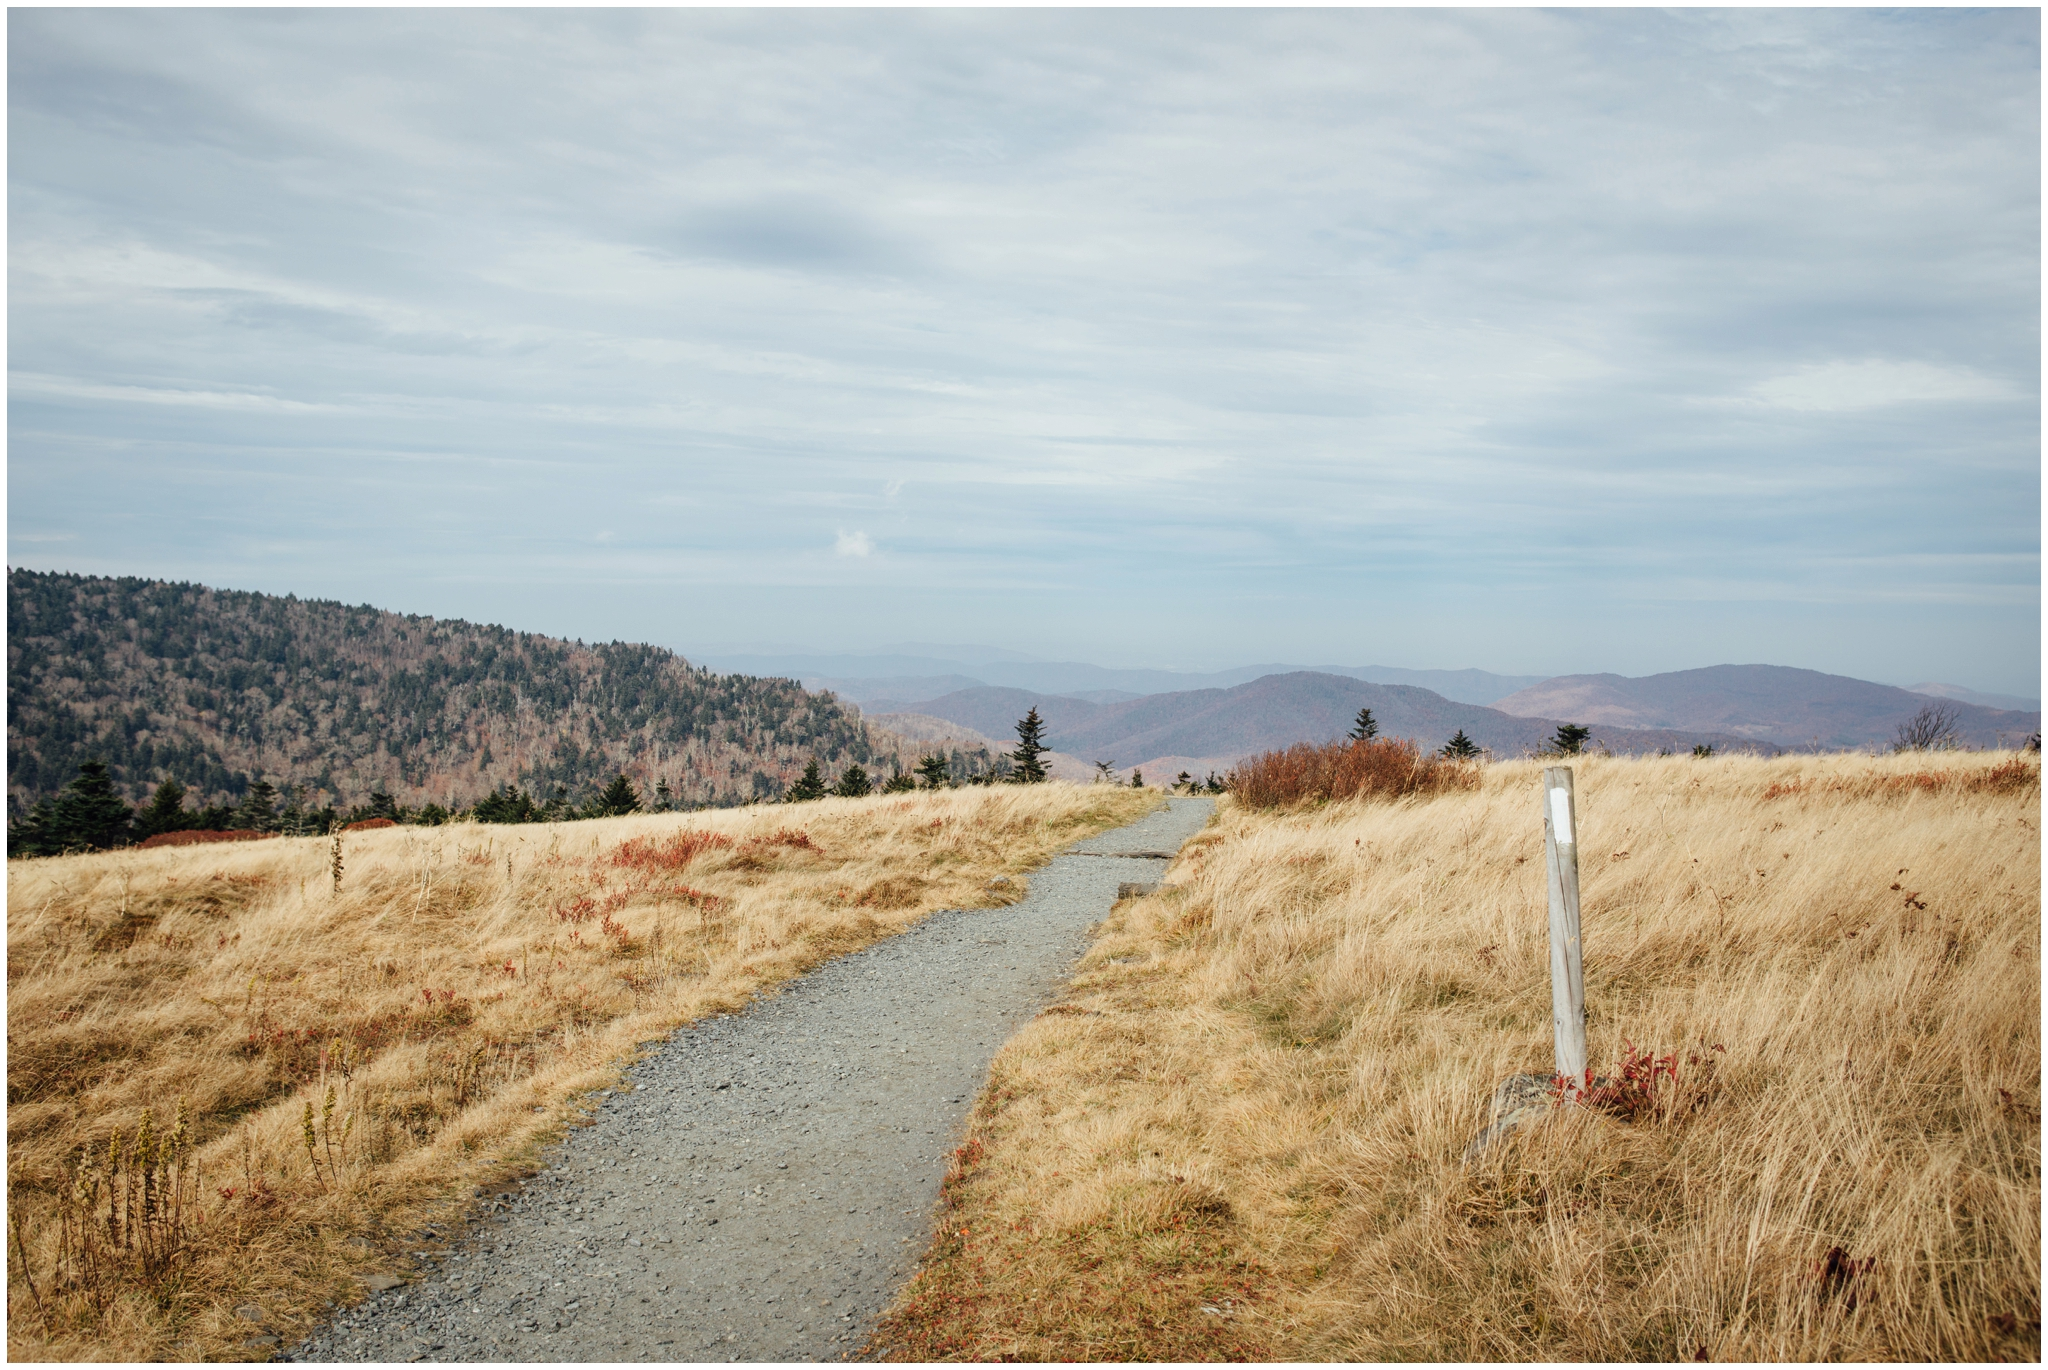 roan-mountain-carvers-gap-appalachian-trail-katy-sergent_0023.jpg